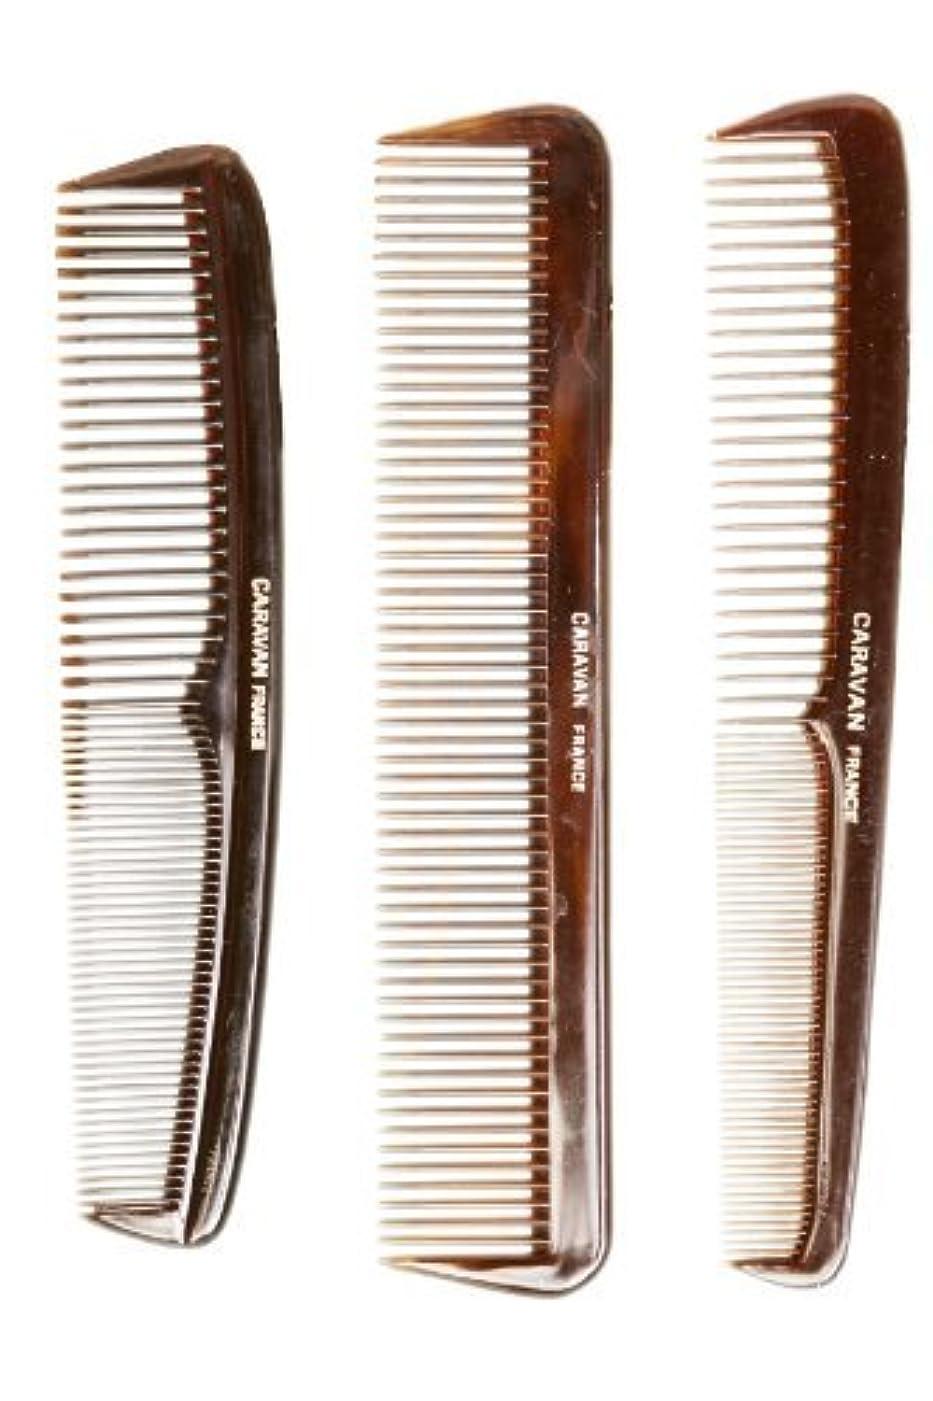 フクロウチーム氏Caravan Tortoise Set Of 3 Shell Comb, French Full [並行輸入品]